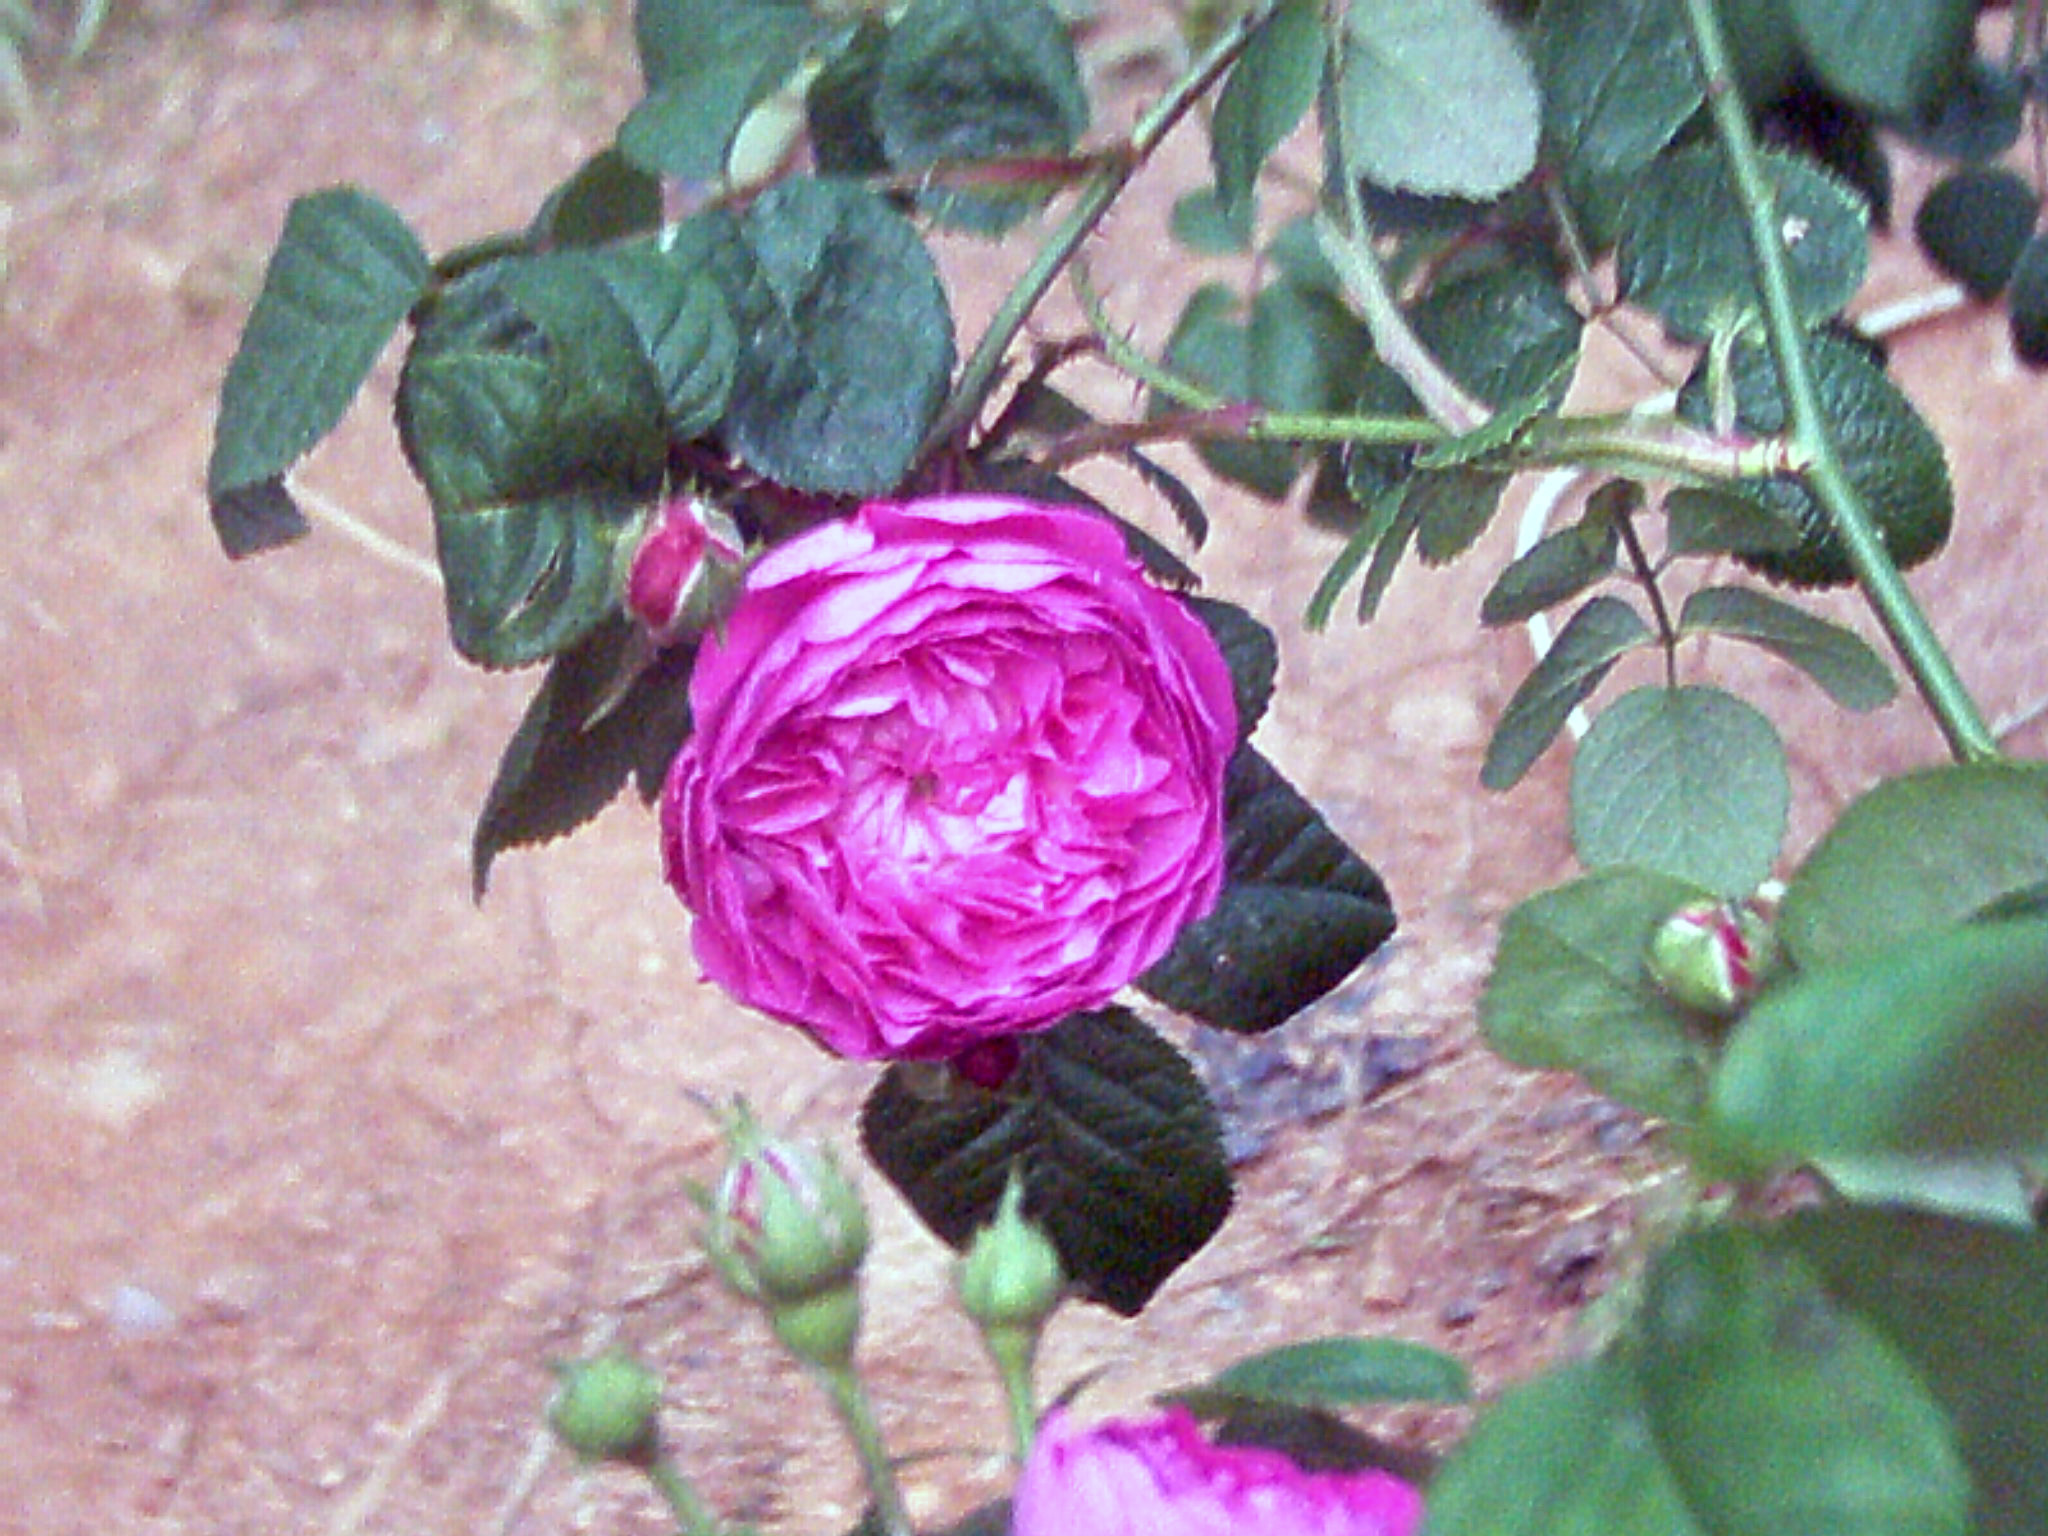 antique pink rose in bloom